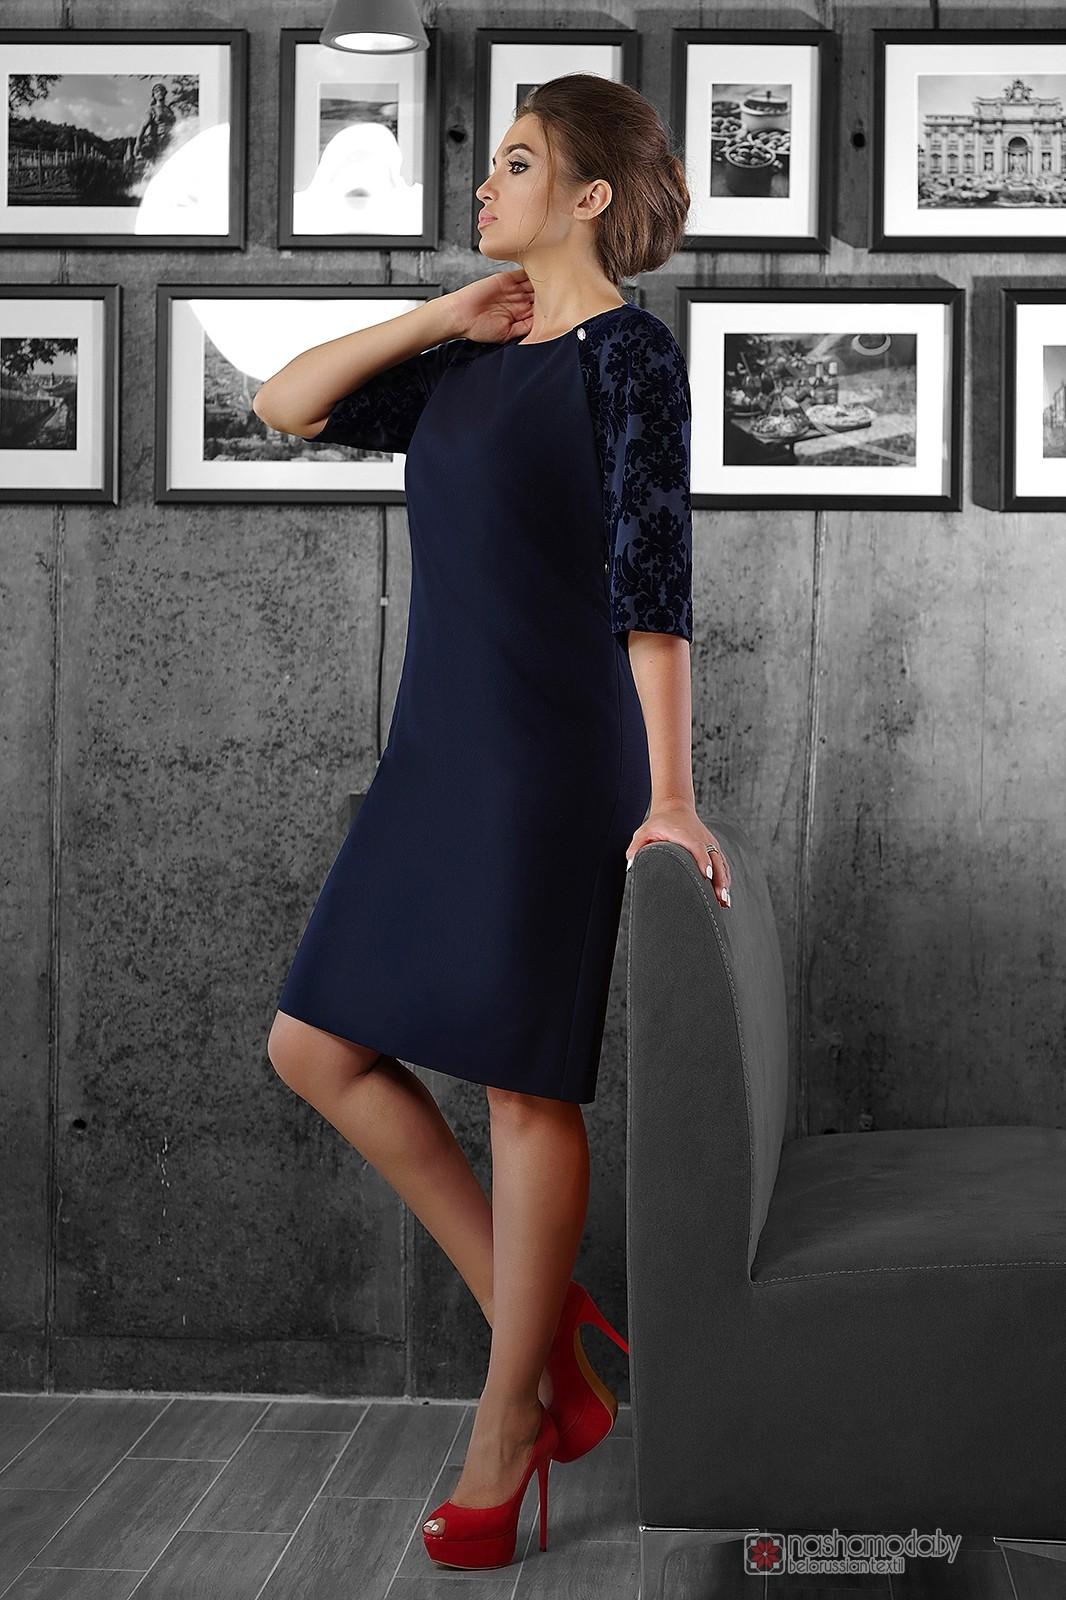 Женское платье маленького размера в новороссийске